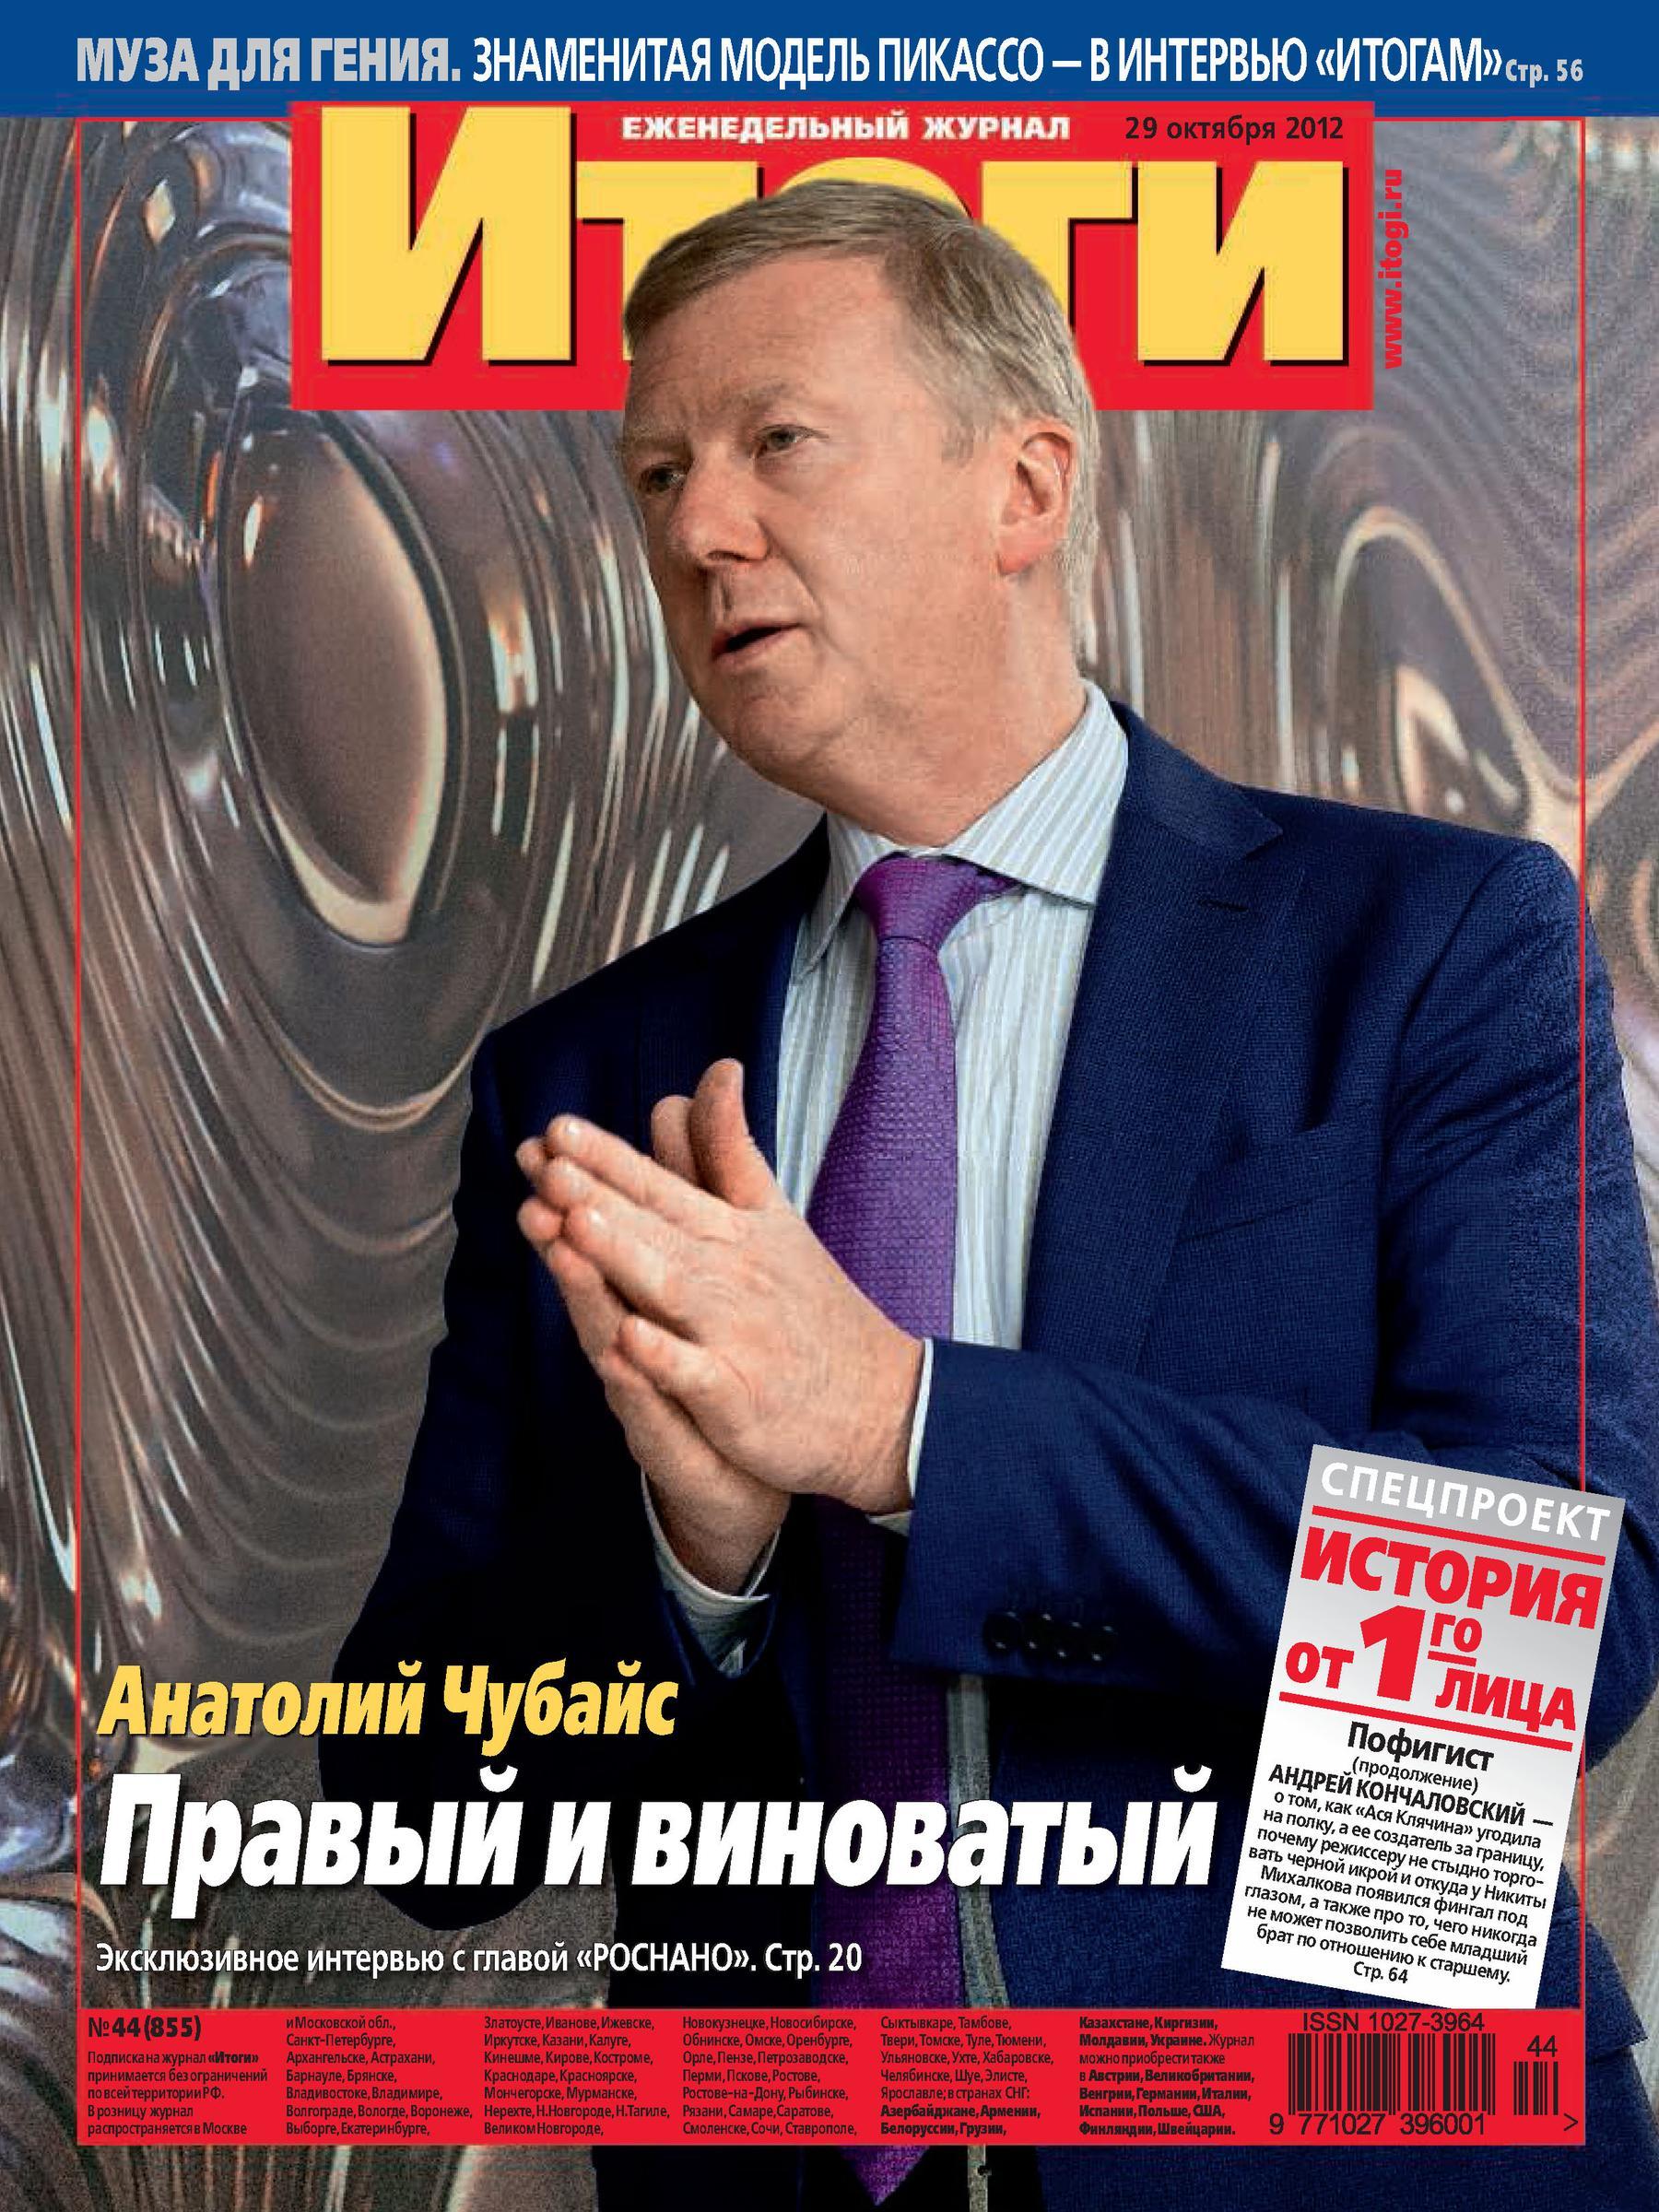 Журнал «Итоги» №44 (855) 2012